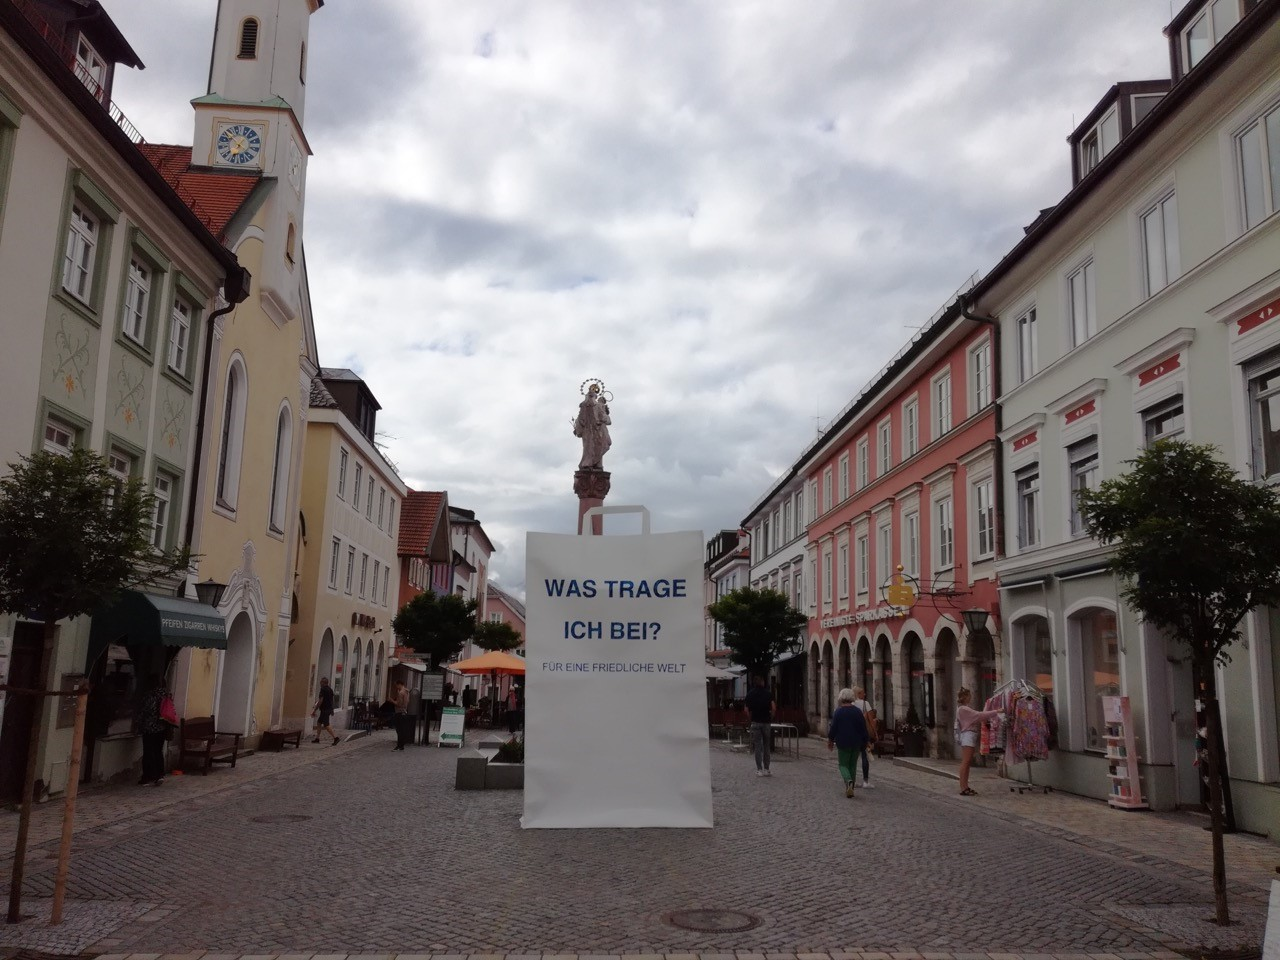 Eine 3,5m hohe Papiertüte steht mitten in der Altstadt von Murnau am Staffelsee. Im Hintergrund ist ein Brunnen und eine Kirche zu sehen.